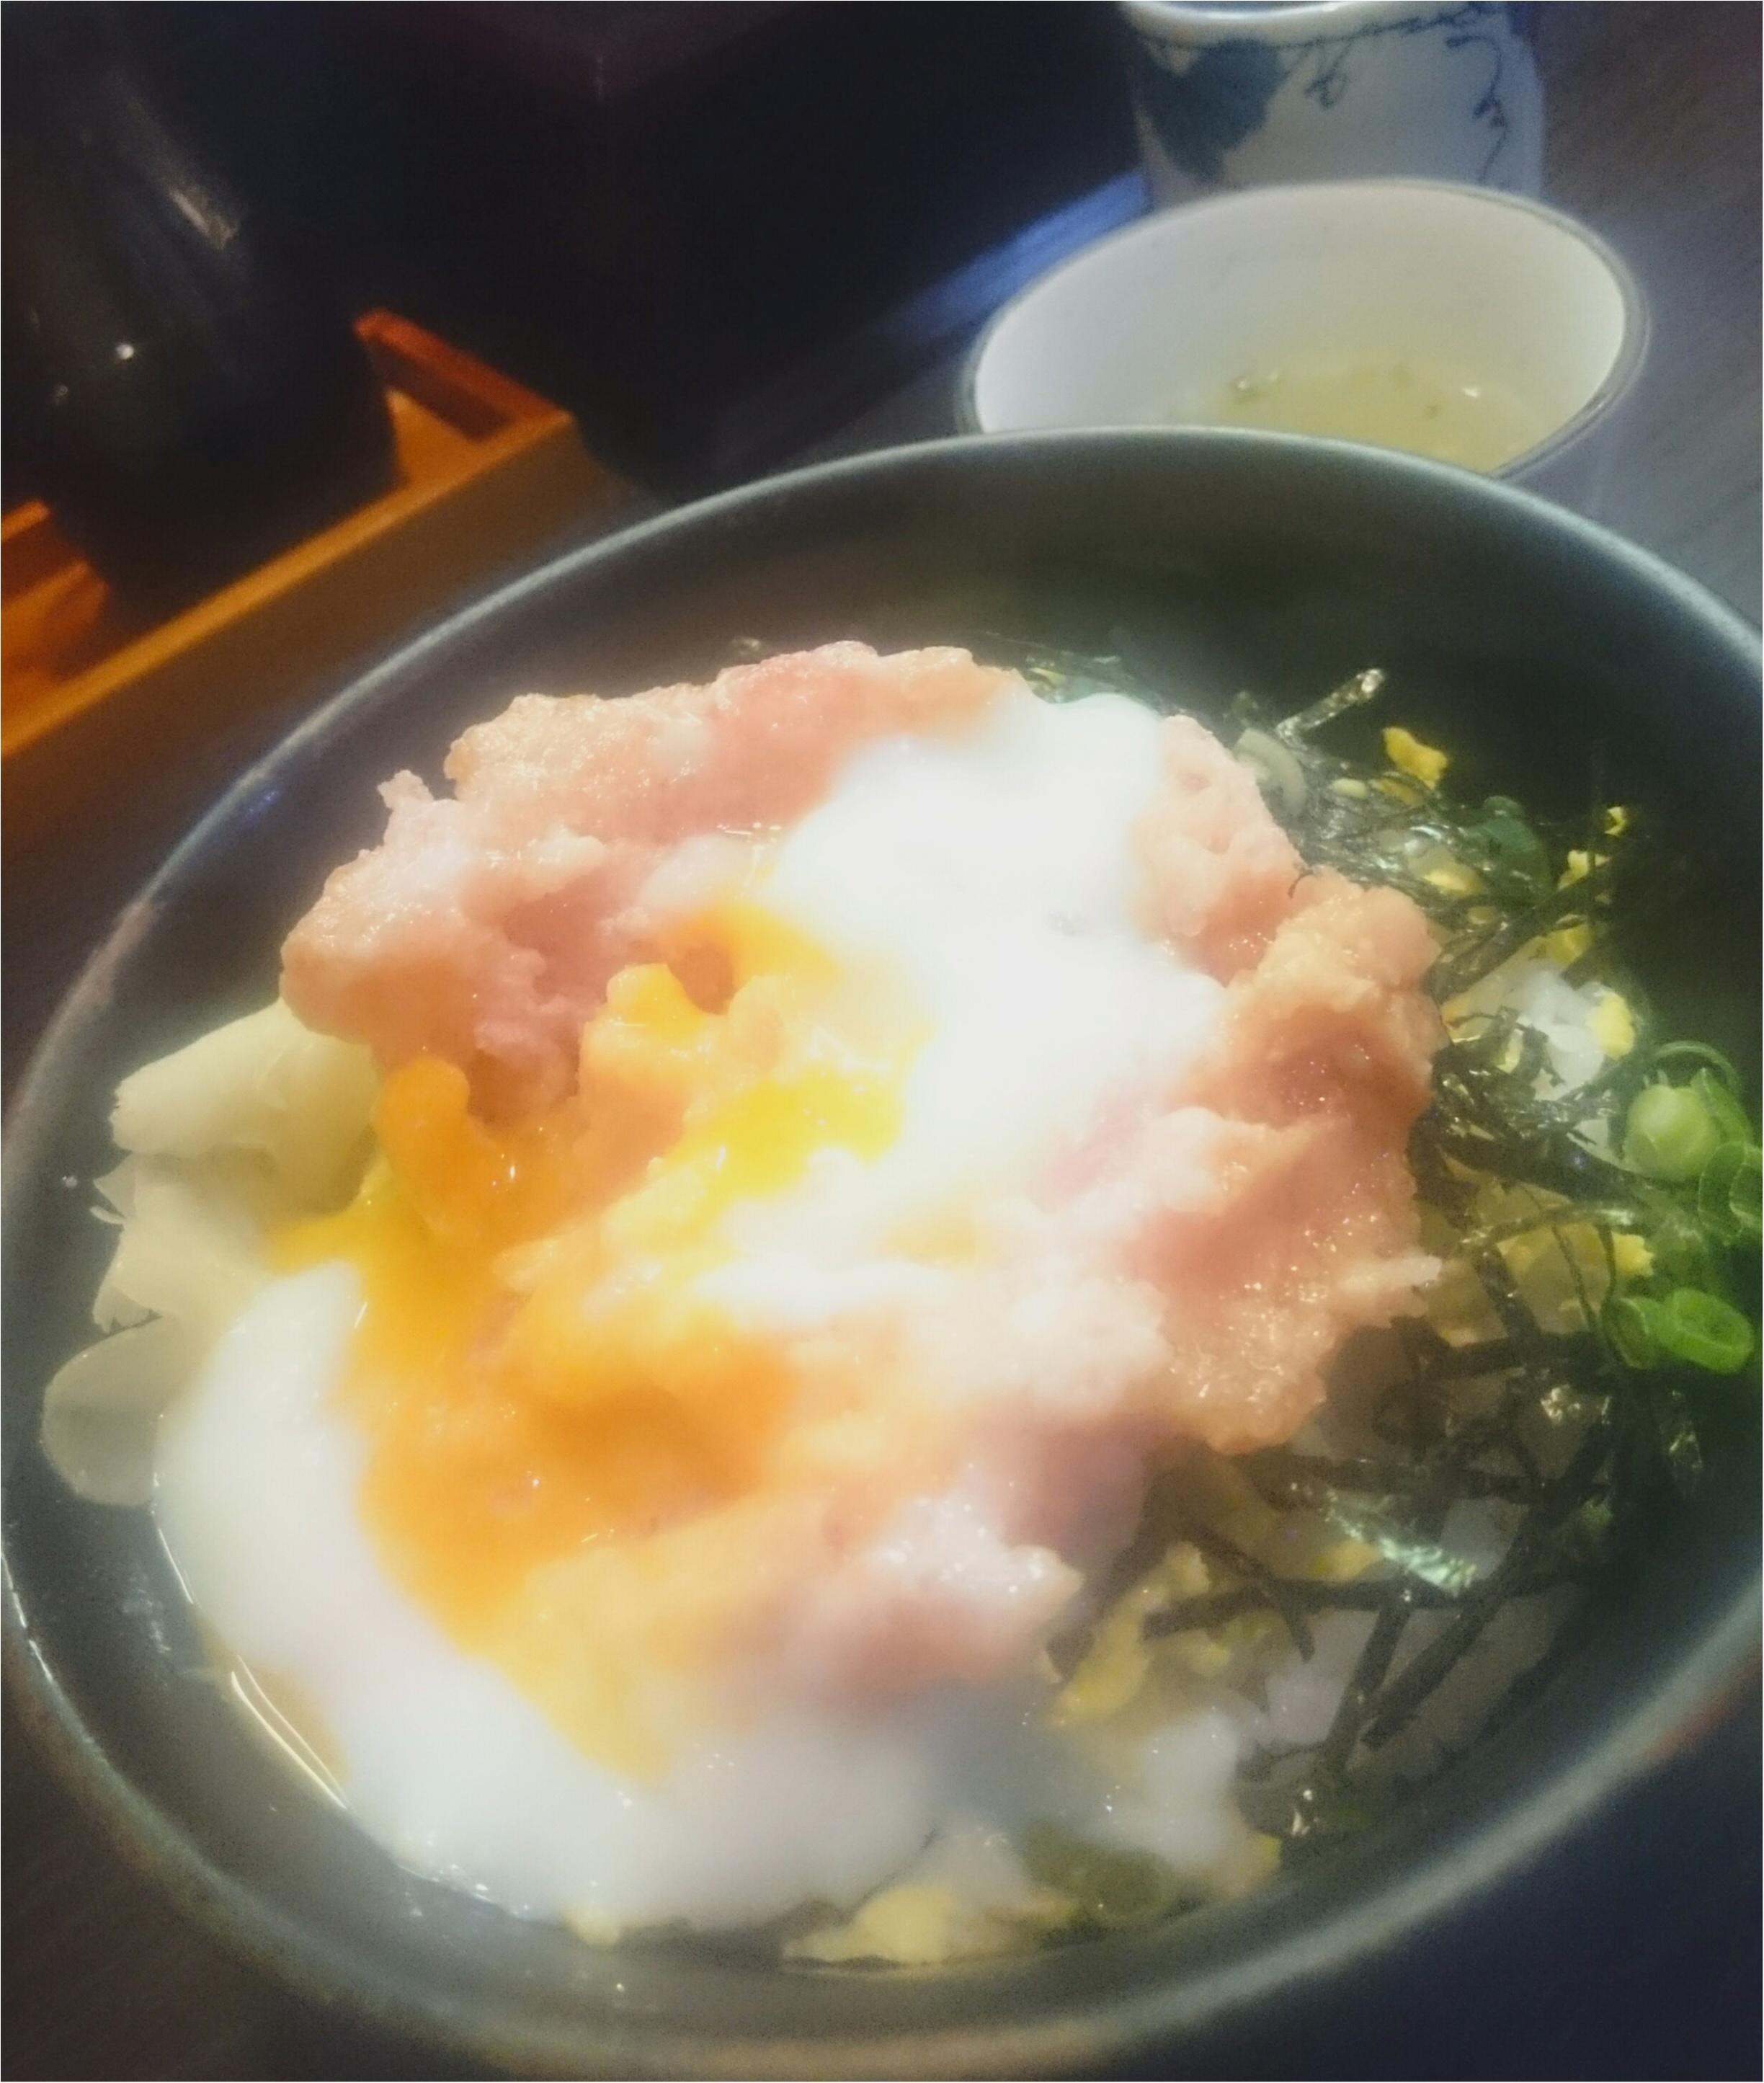 吉祥寺で海鮮丼を食べるならハモニカ横丁の【まぐろのなかだや】が断然おすすめ_4